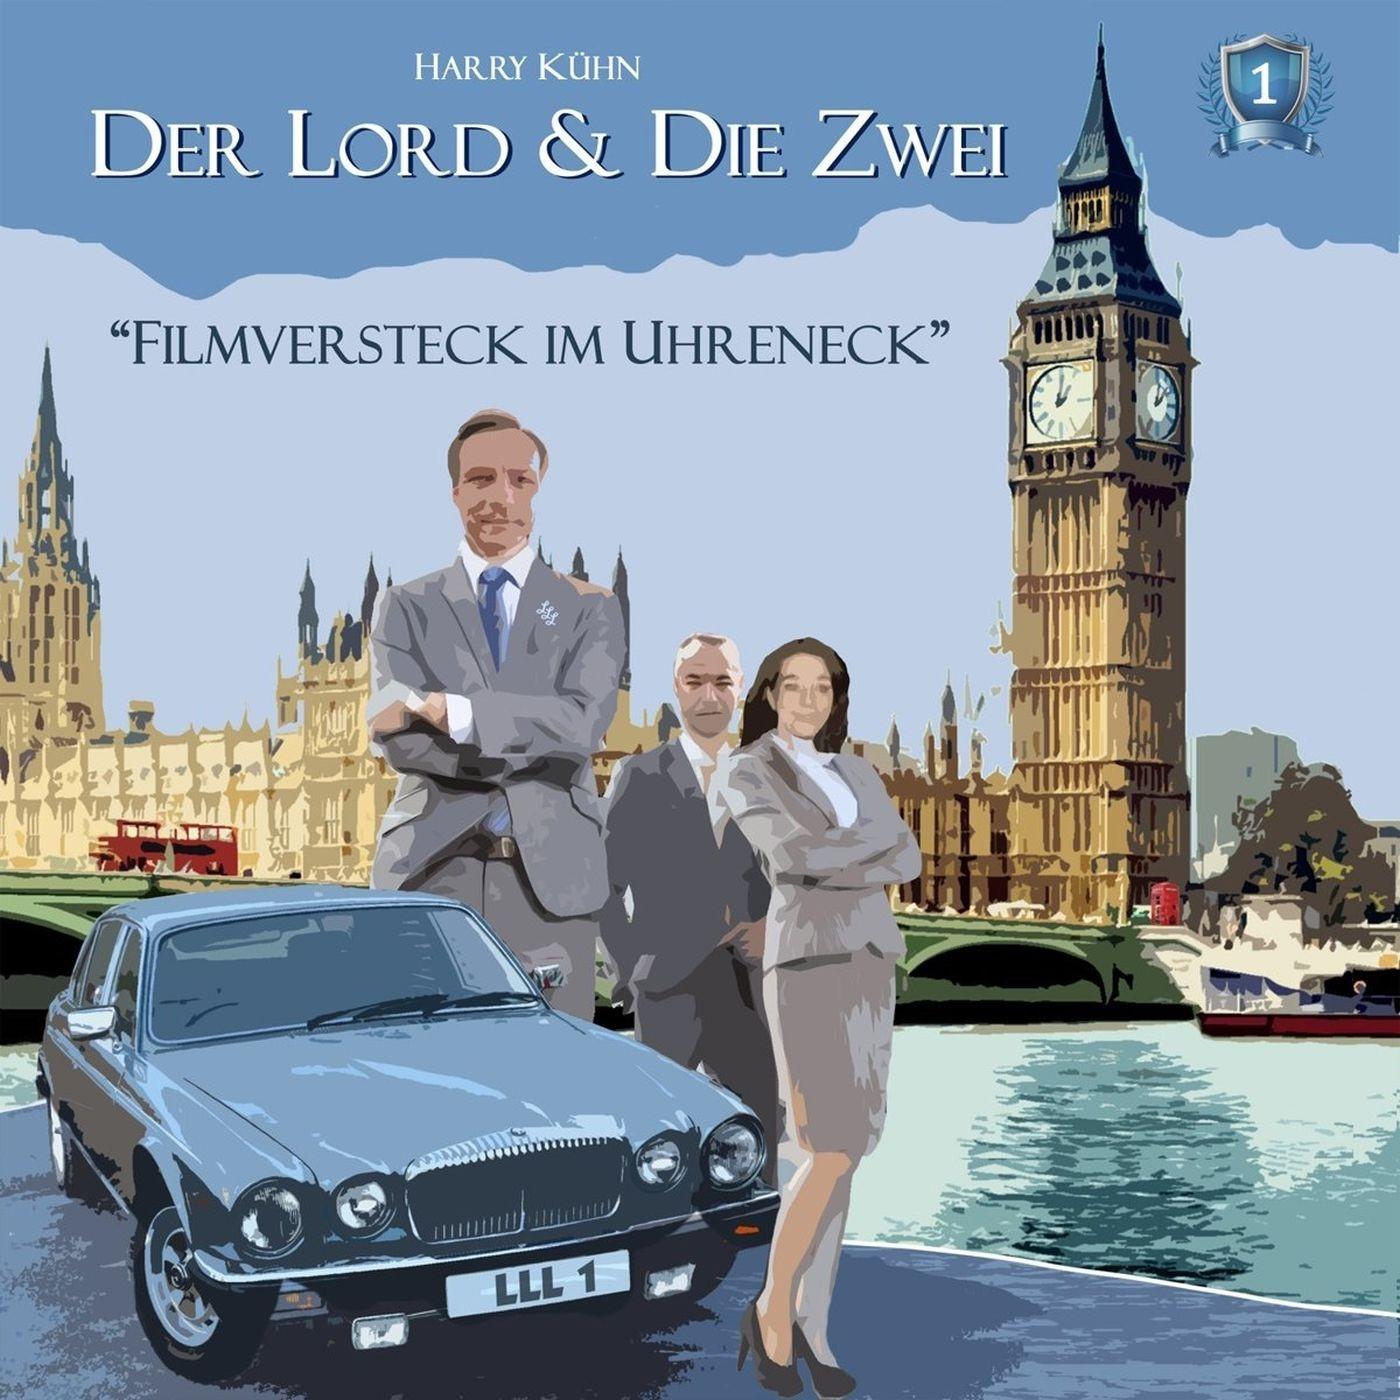 Der Lord & Die Zwei - Folge 1: Filmversteck im Uhreneck